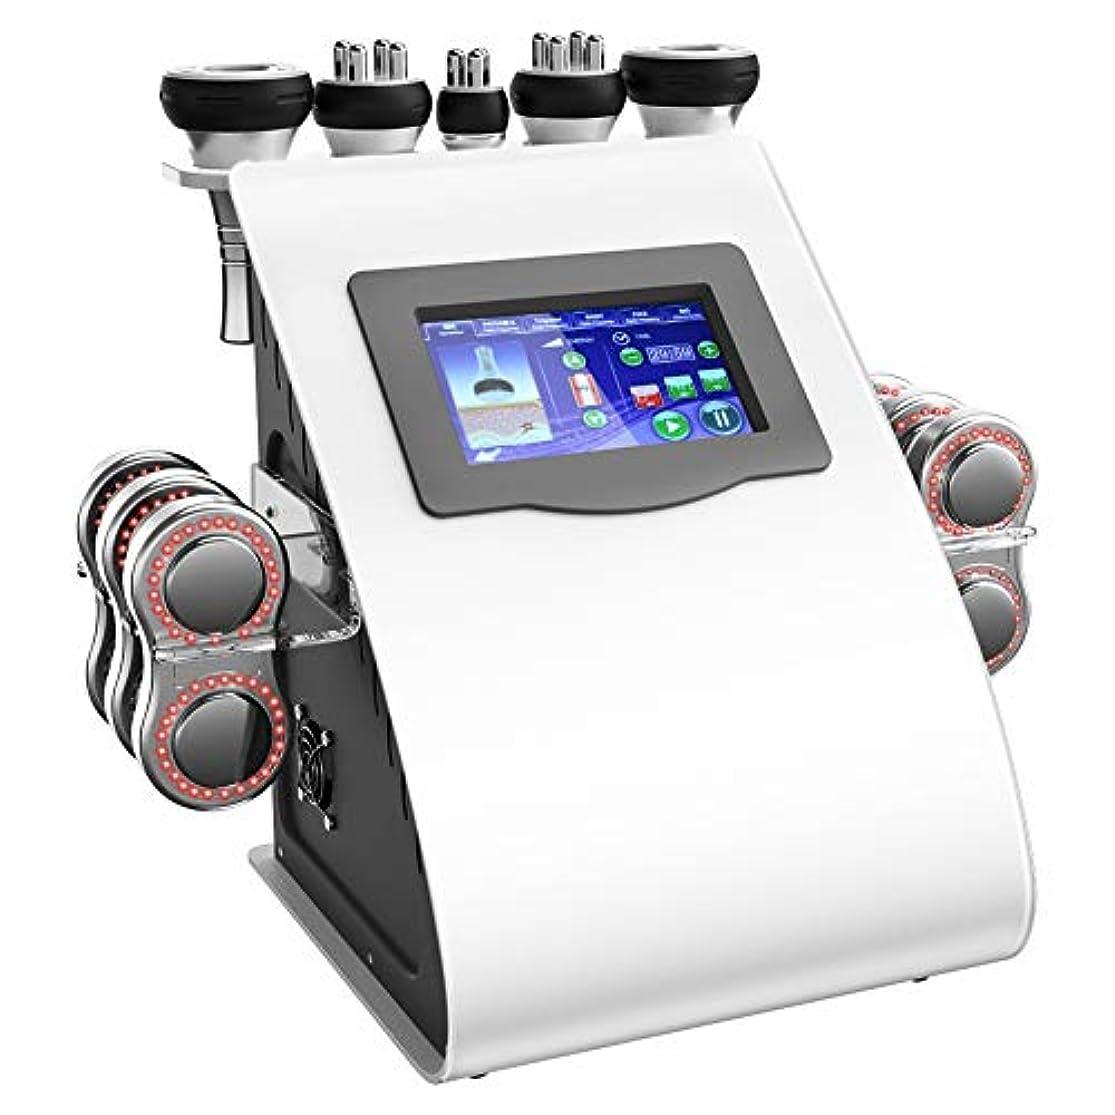 摩擦可愛い怠な5-in-1振動ボディ整形マッサージ機、40Kフルボディーロスロスマッサージャー多極ブラスト脂肪計器フェイシャルスキンリフティングタイトング美容機(5マッサージヘッド)CE、FDA承認(110?240V)